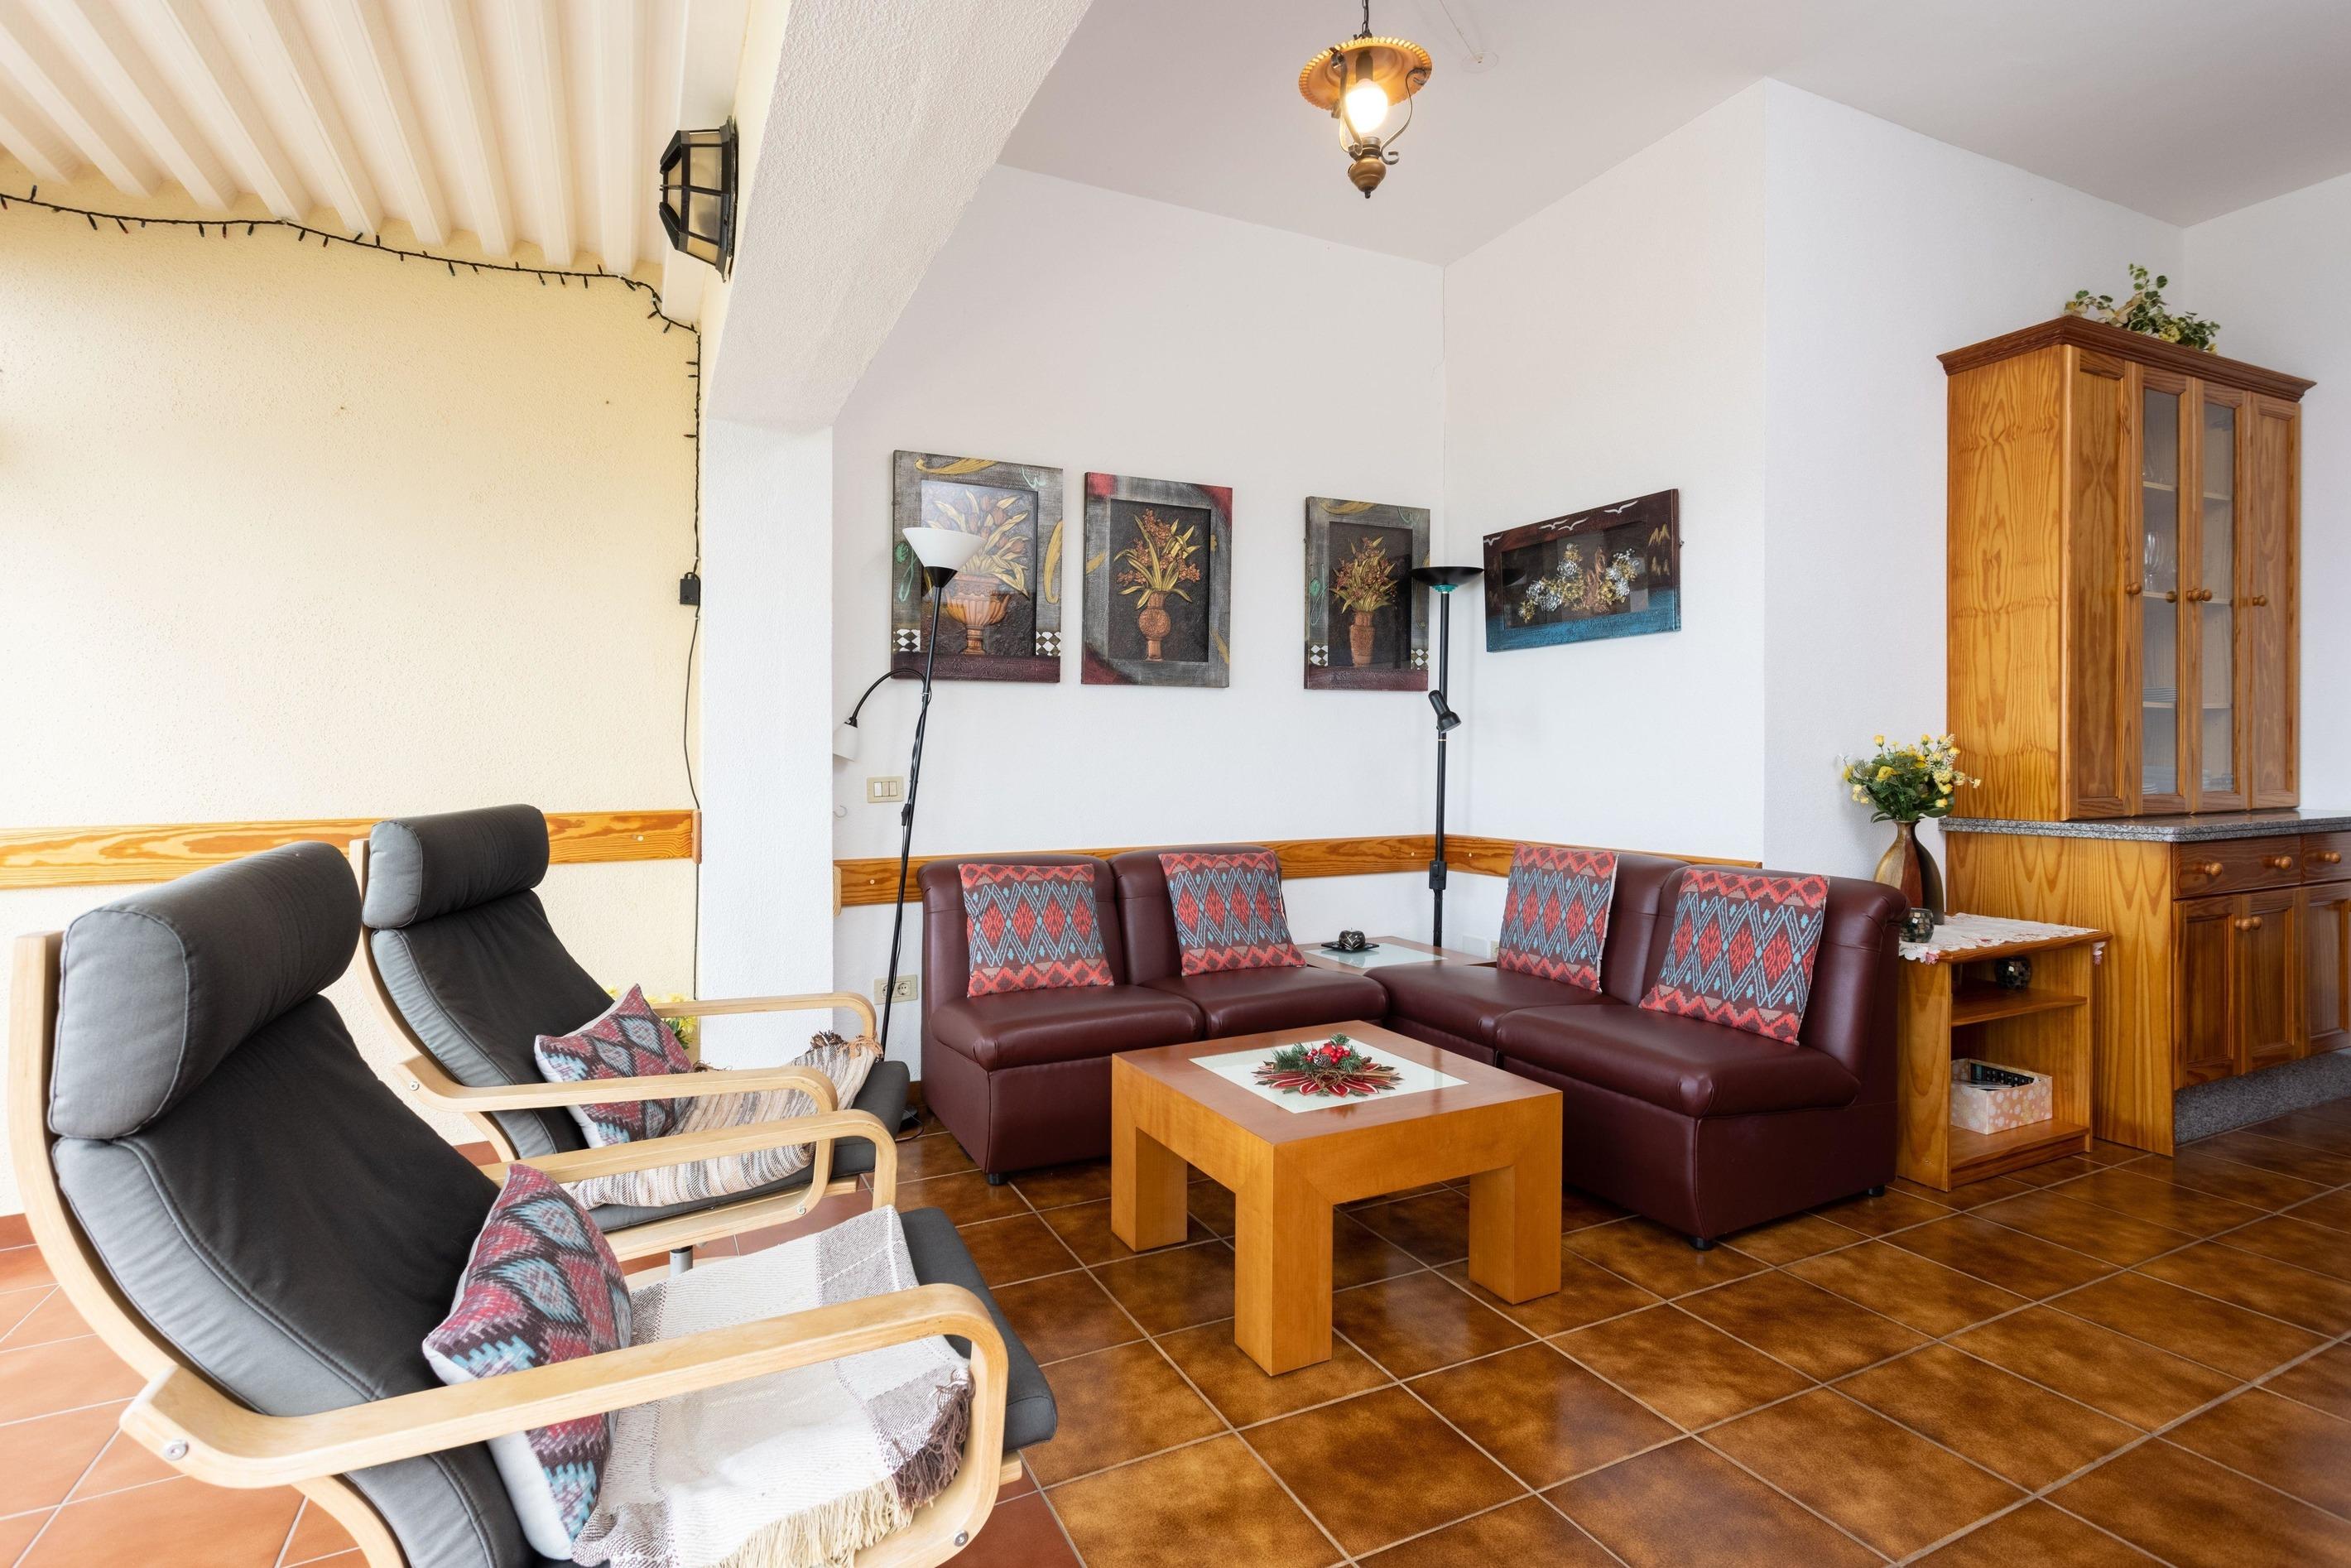 Appartement de vacances Fewo Solymar, mit 2 Schlafzimmern, 2 Bädern, eigener Terrasse und Garten, Meerblick, Pool, (2492986), Santa Ursula, Ténérife, Iles Canaries, Espagne, image 2